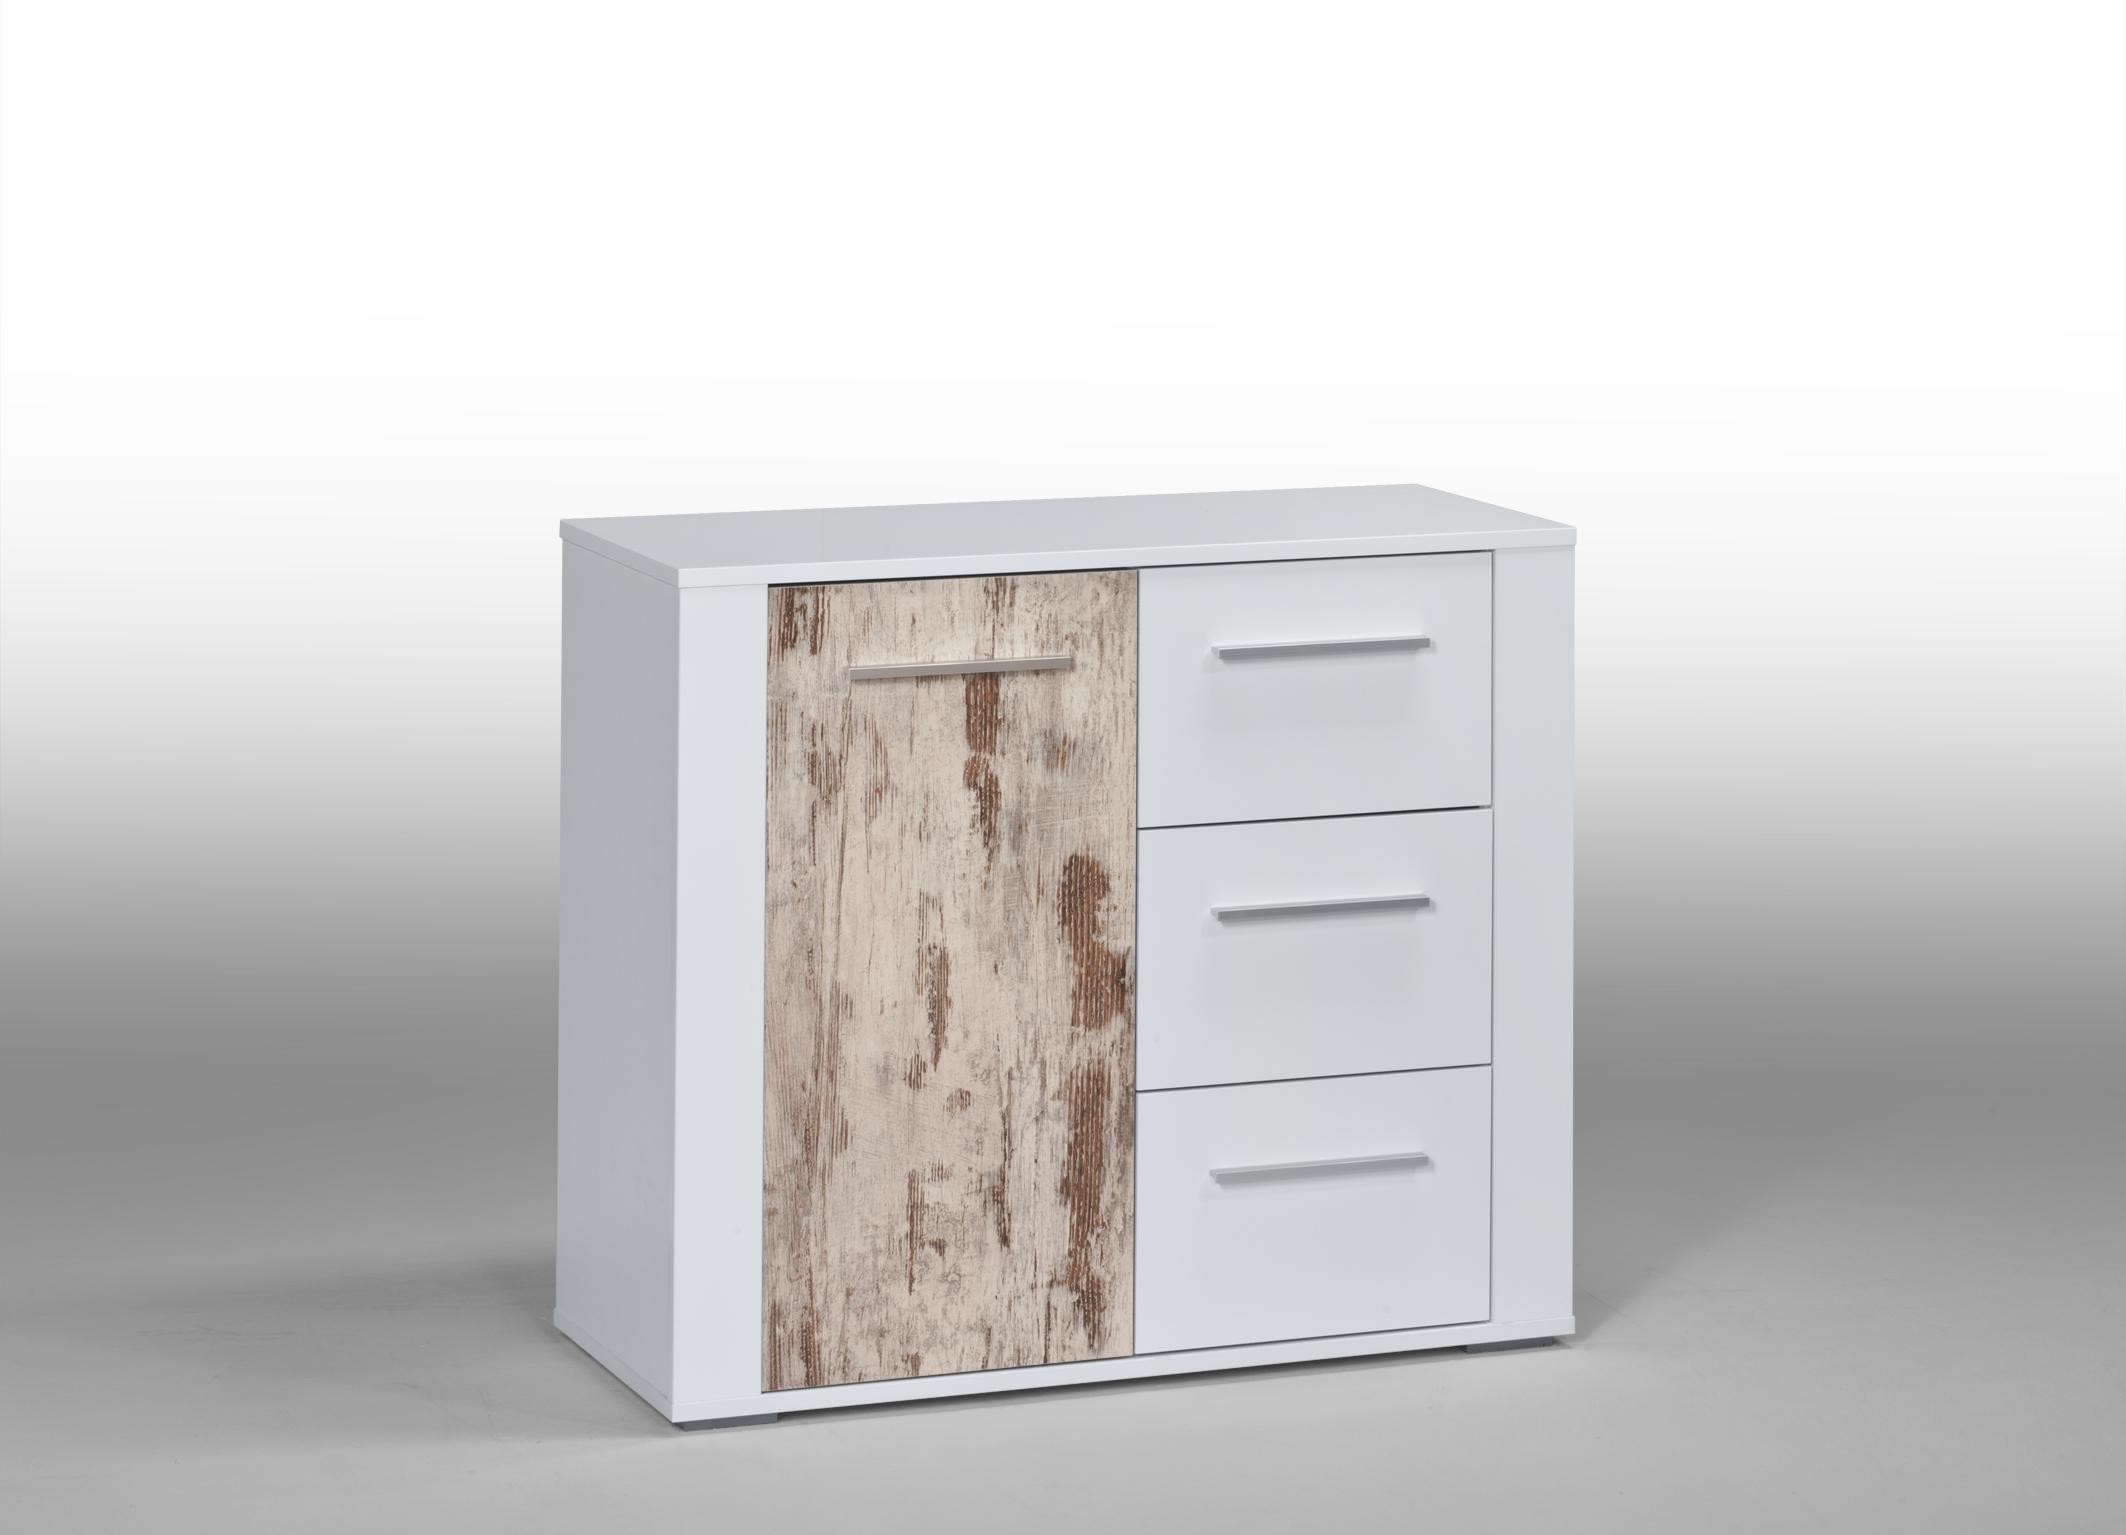 kommode aktenschrank mehrzweckschrank schrank k505 1 weiss hochglanz retro ebay. Black Bedroom Furniture Sets. Home Design Ideas